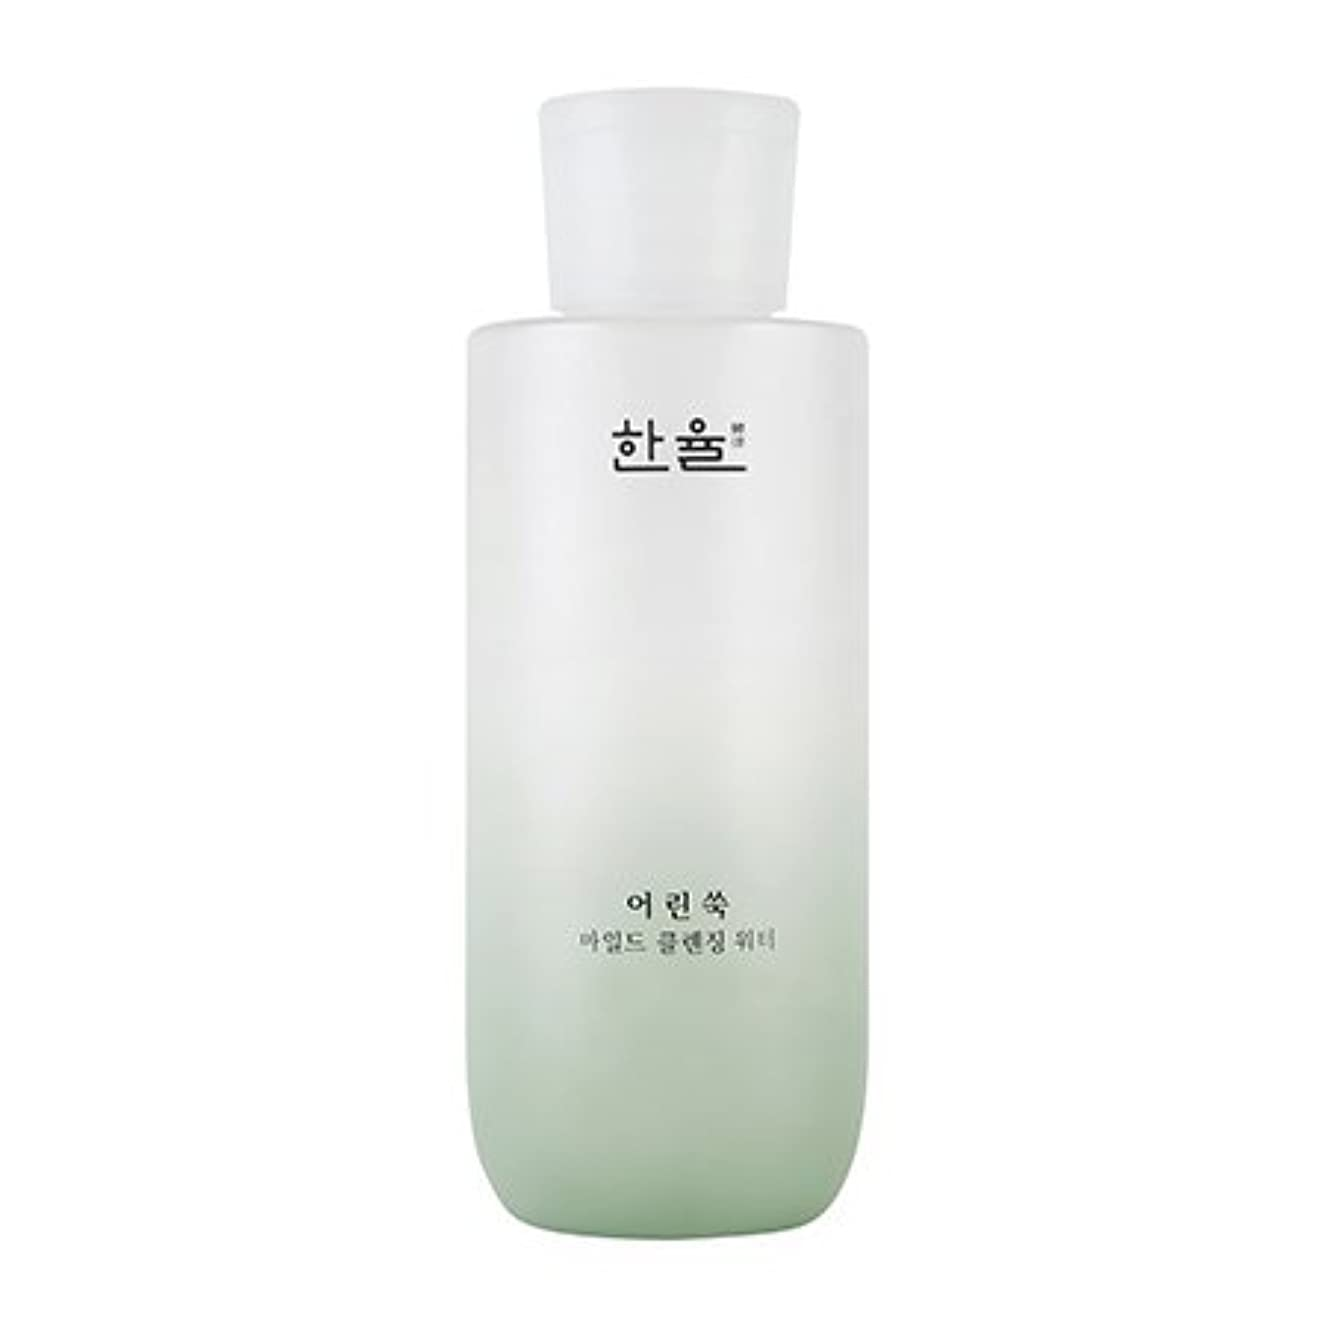 ハードリング評判残りHANYUL Pure Artemisia Mild Cleansing Water 300ml / ハンユル ピュアアルテミシアマイルド クレンジングウォーター 300ml [並行輸入品]